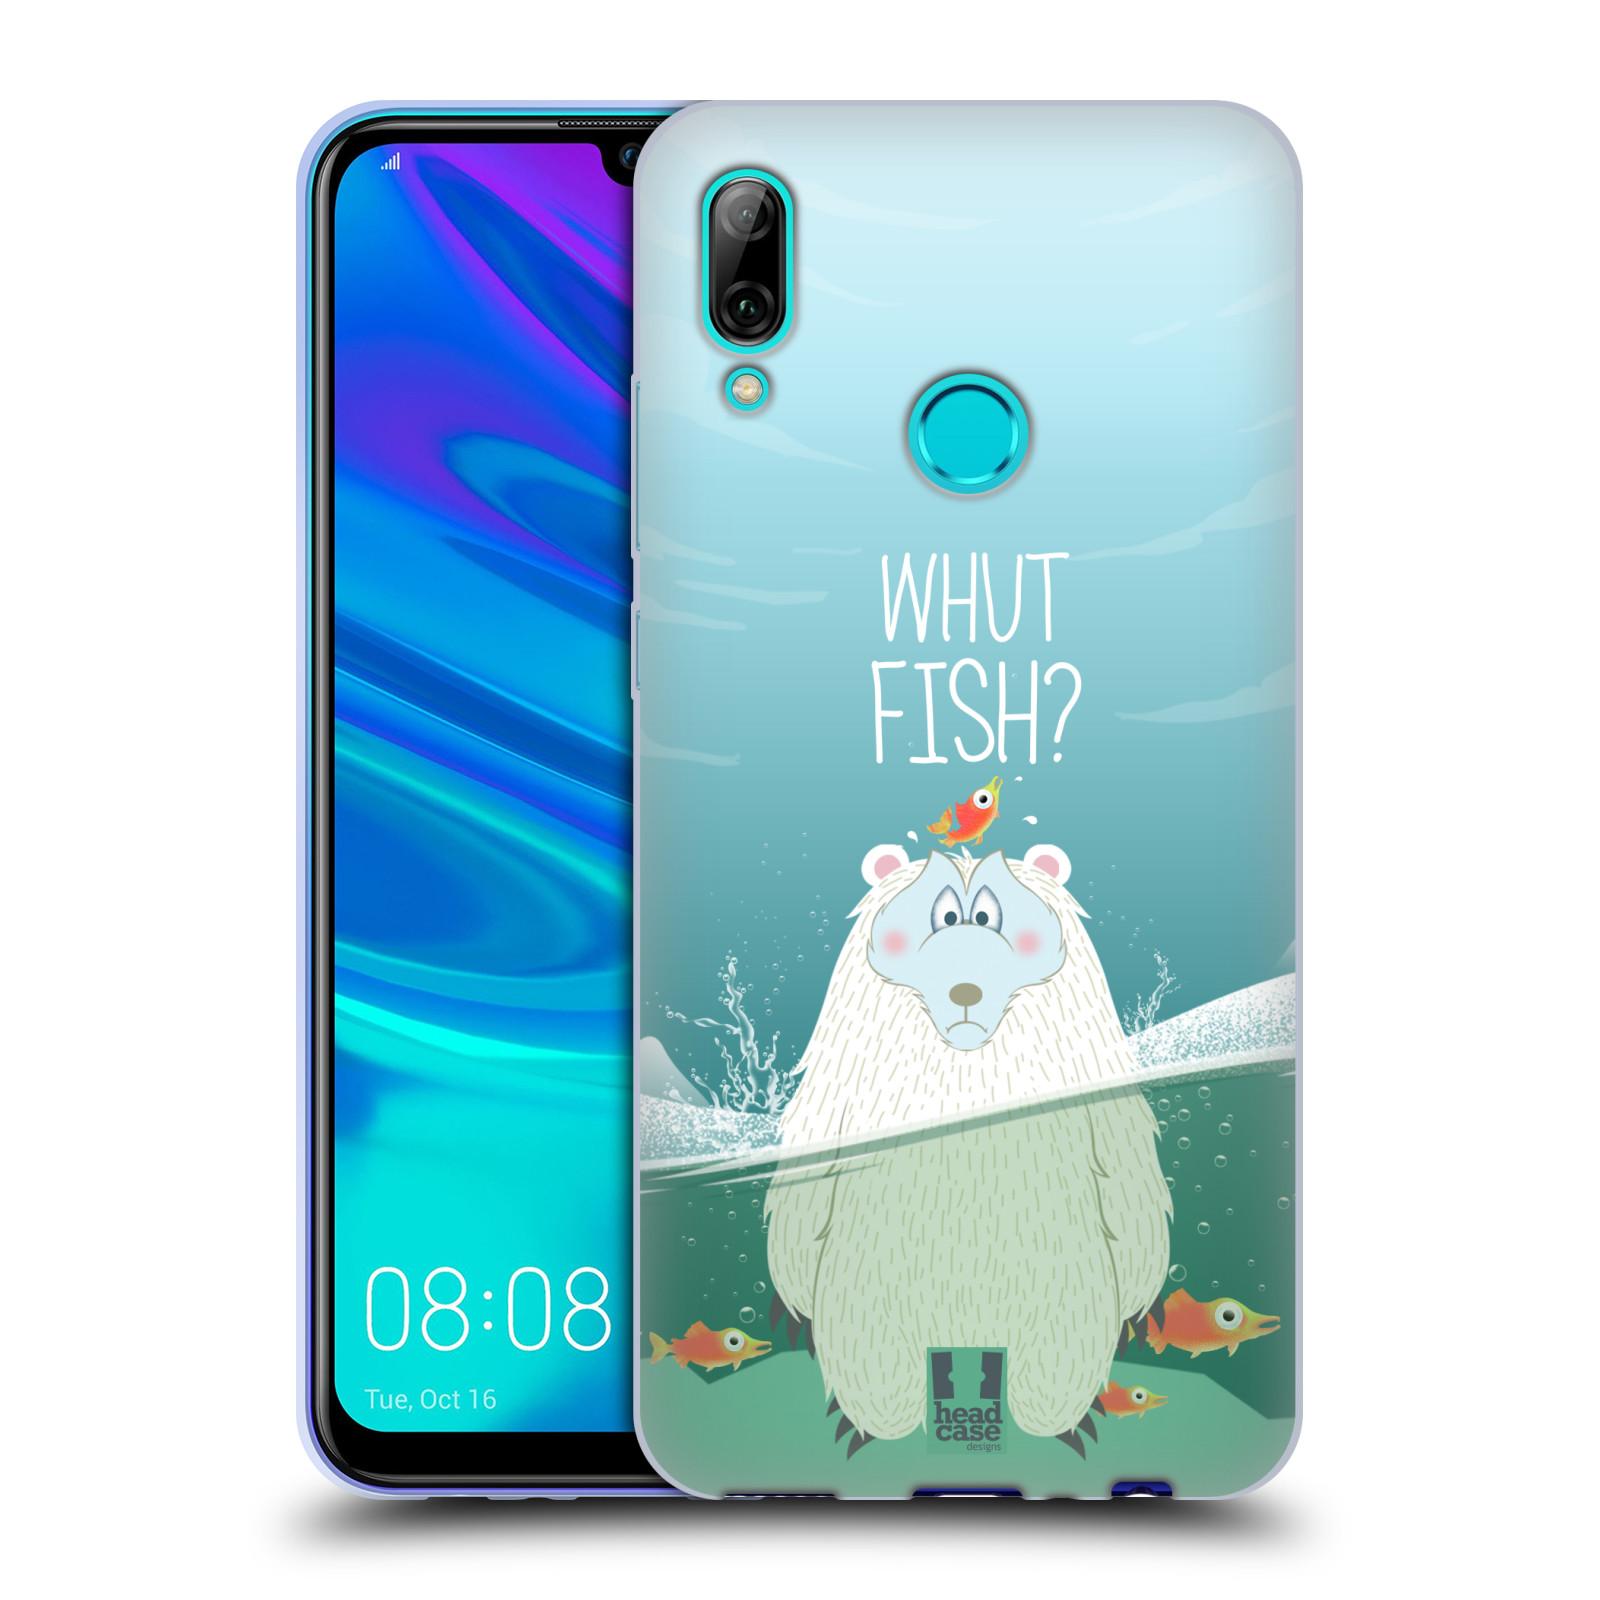 Silikonové pouzdro na mobil Huawei P Smart (2019) - Head Case - Medvěd Whut Fish?